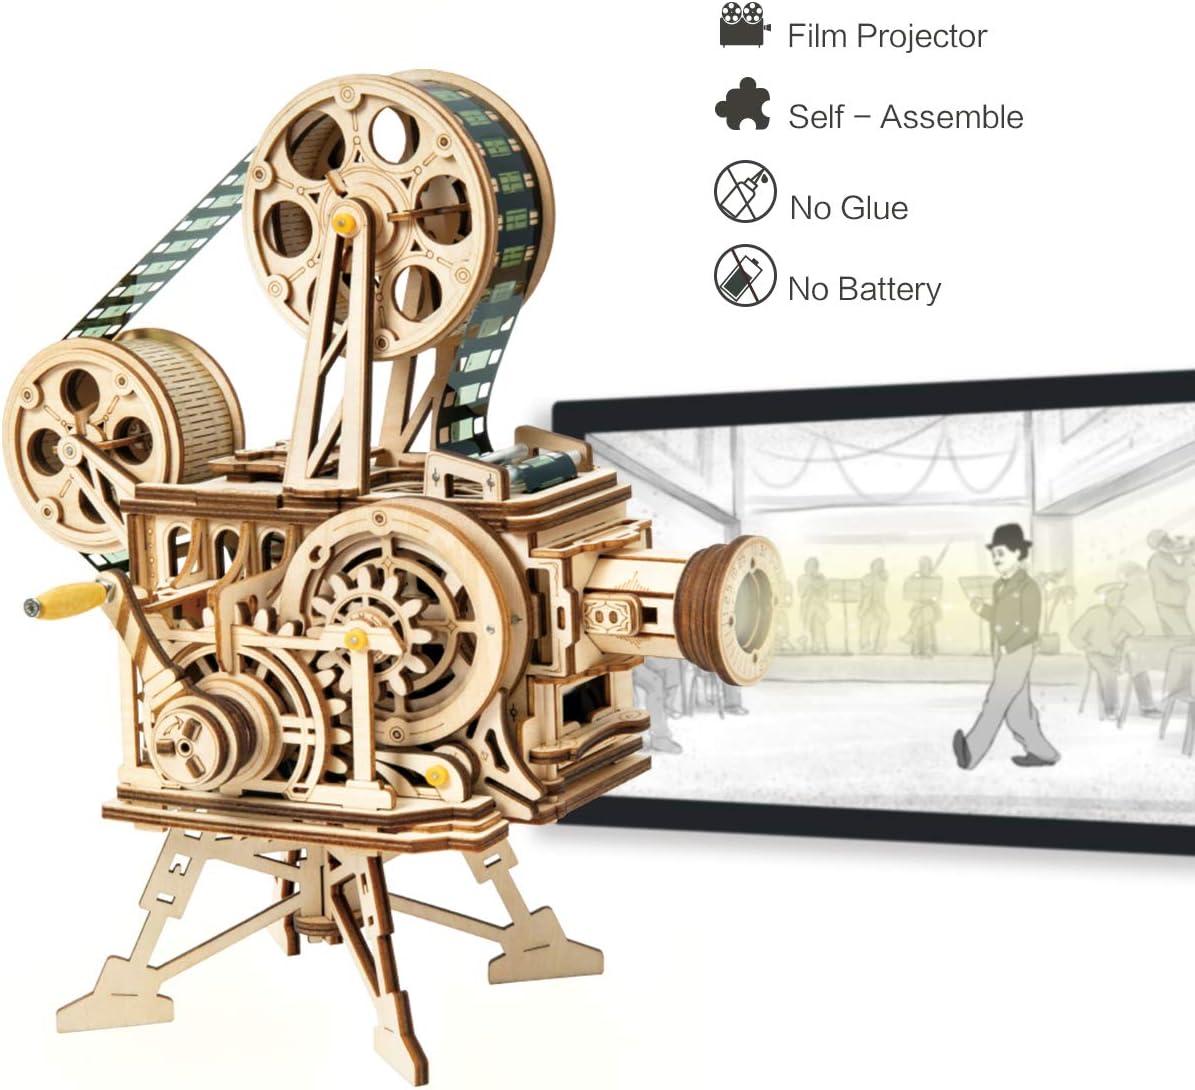 Robotime Mechanical Vitascope Kit - Rompecabezas de Madera de Corte por láser de Modelos de construcción - Juegos de Madera para niños y Adolescentes